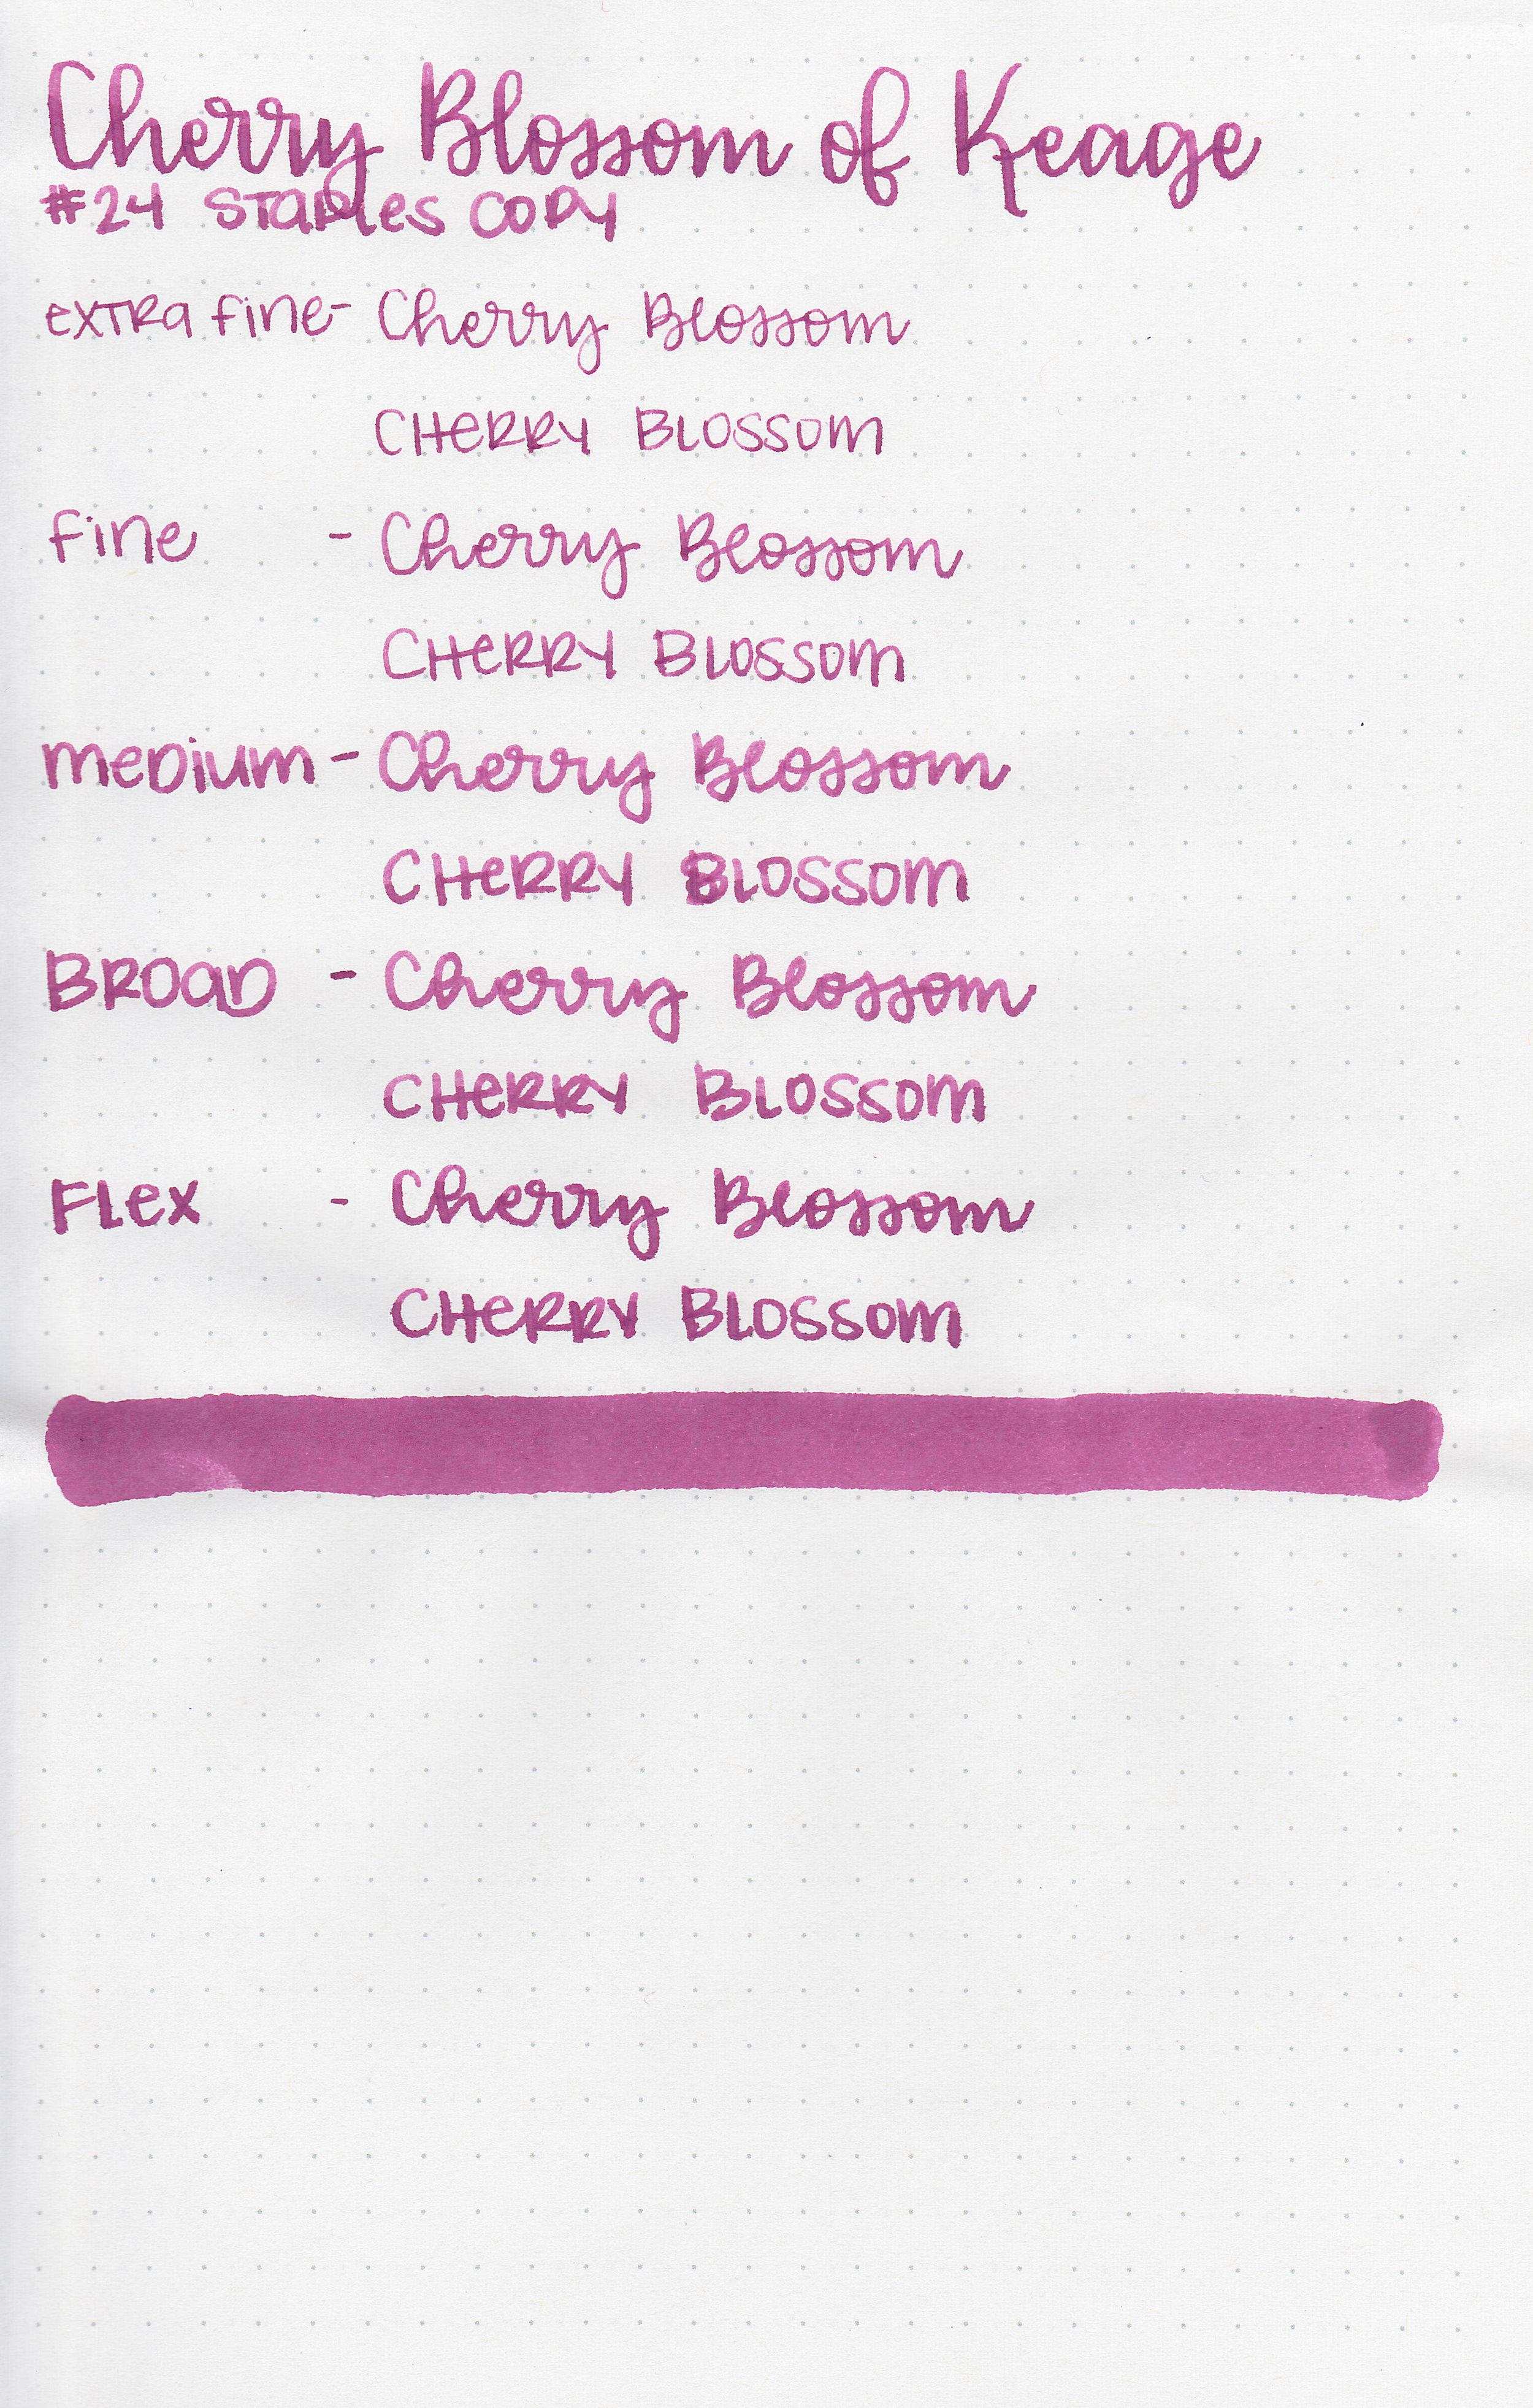 kyo-cherry-blossom-11.jpg